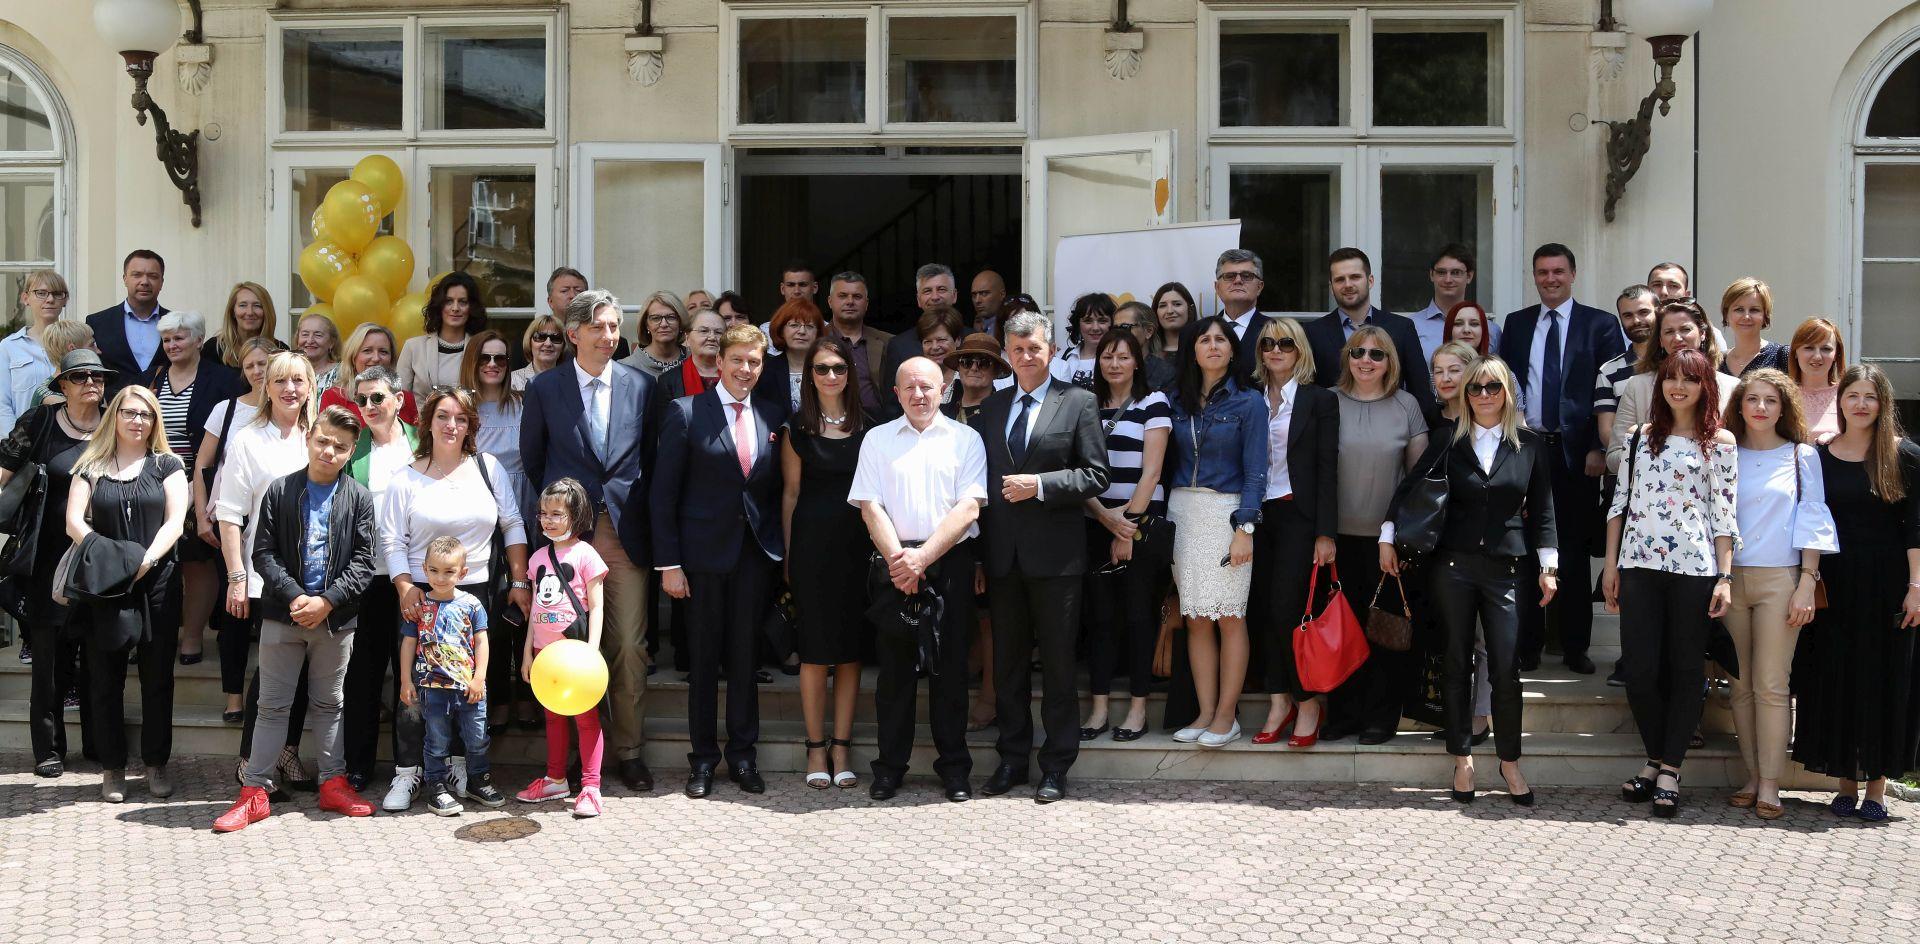 Darivanje i presađivanje organa i tkiva: Hrvatska uz Španjolsku vodeća u svijetu